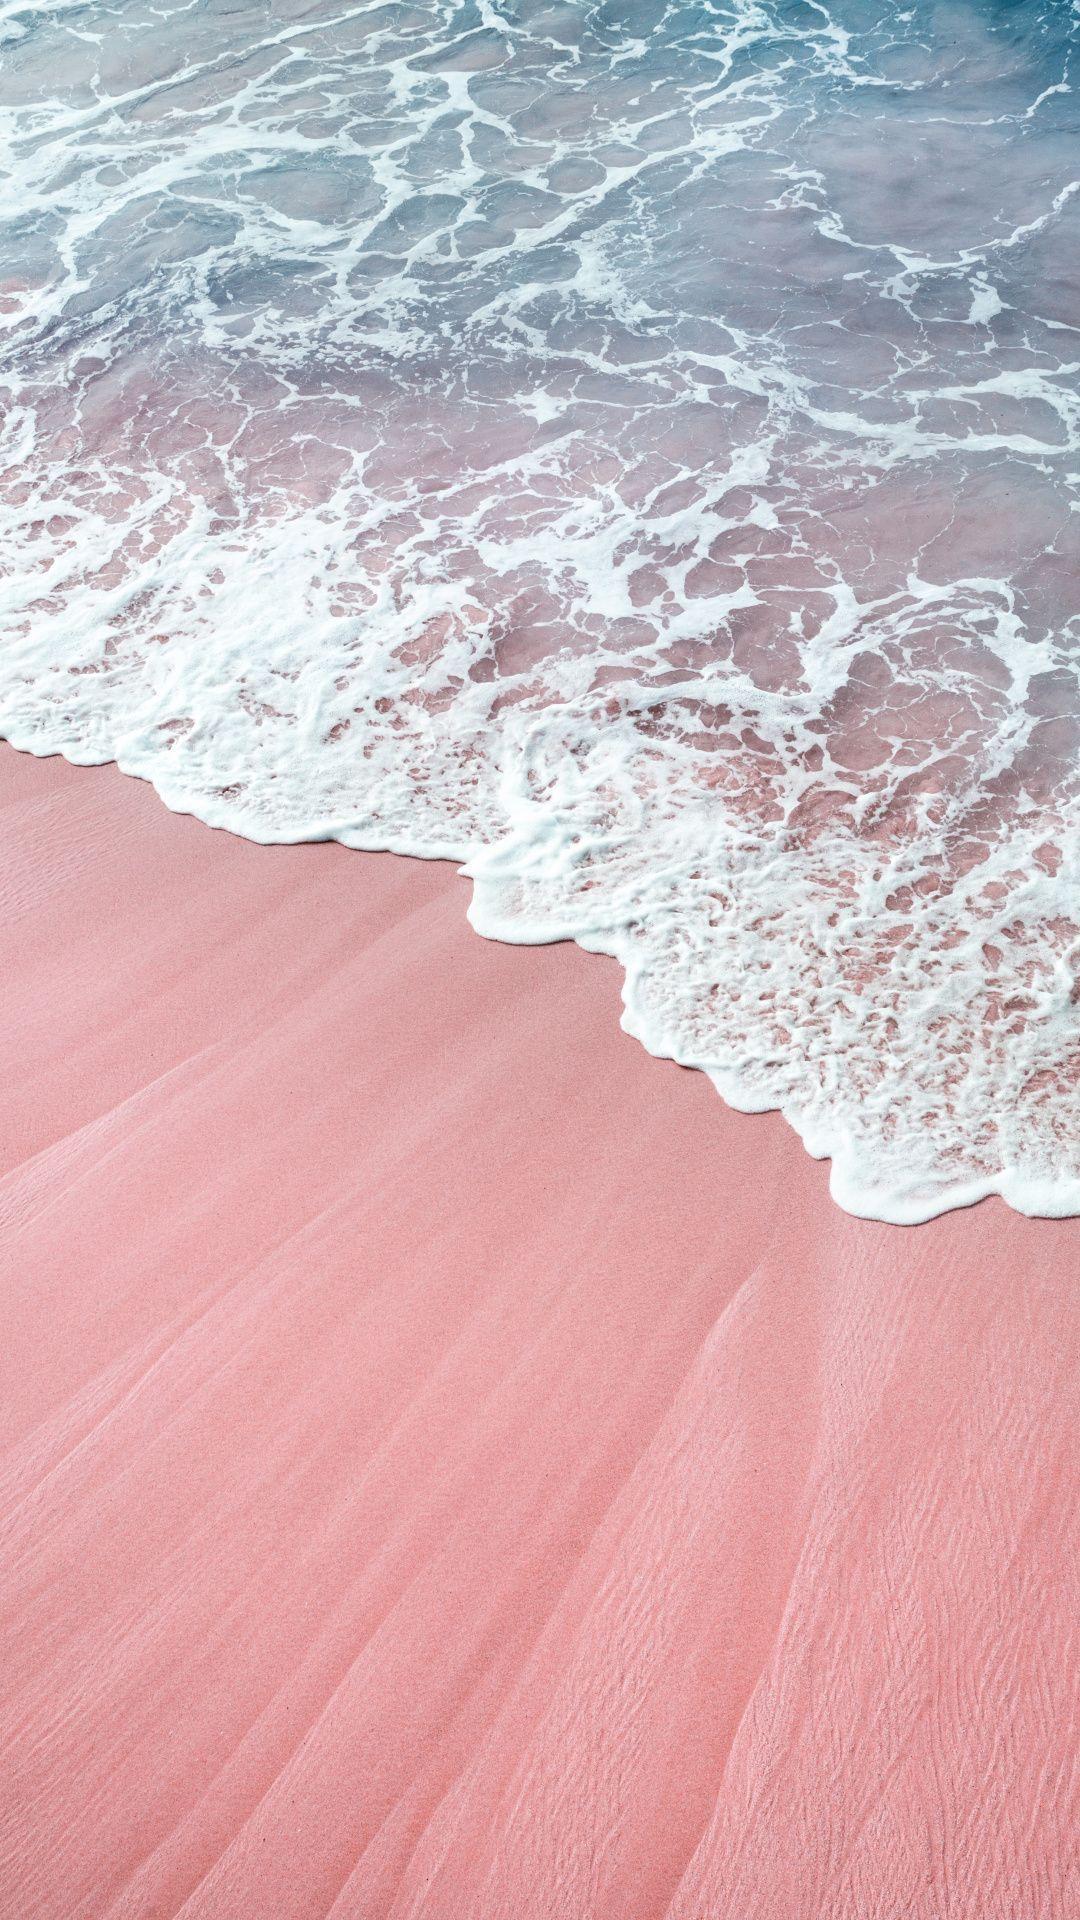 Etes Vous A La Recherche D Une Qualite Hd D Ecran De Plage Iphone J Ai Une Collection Des In 2020 Beach Background Beach Wallpaper Iphone Wallpaper